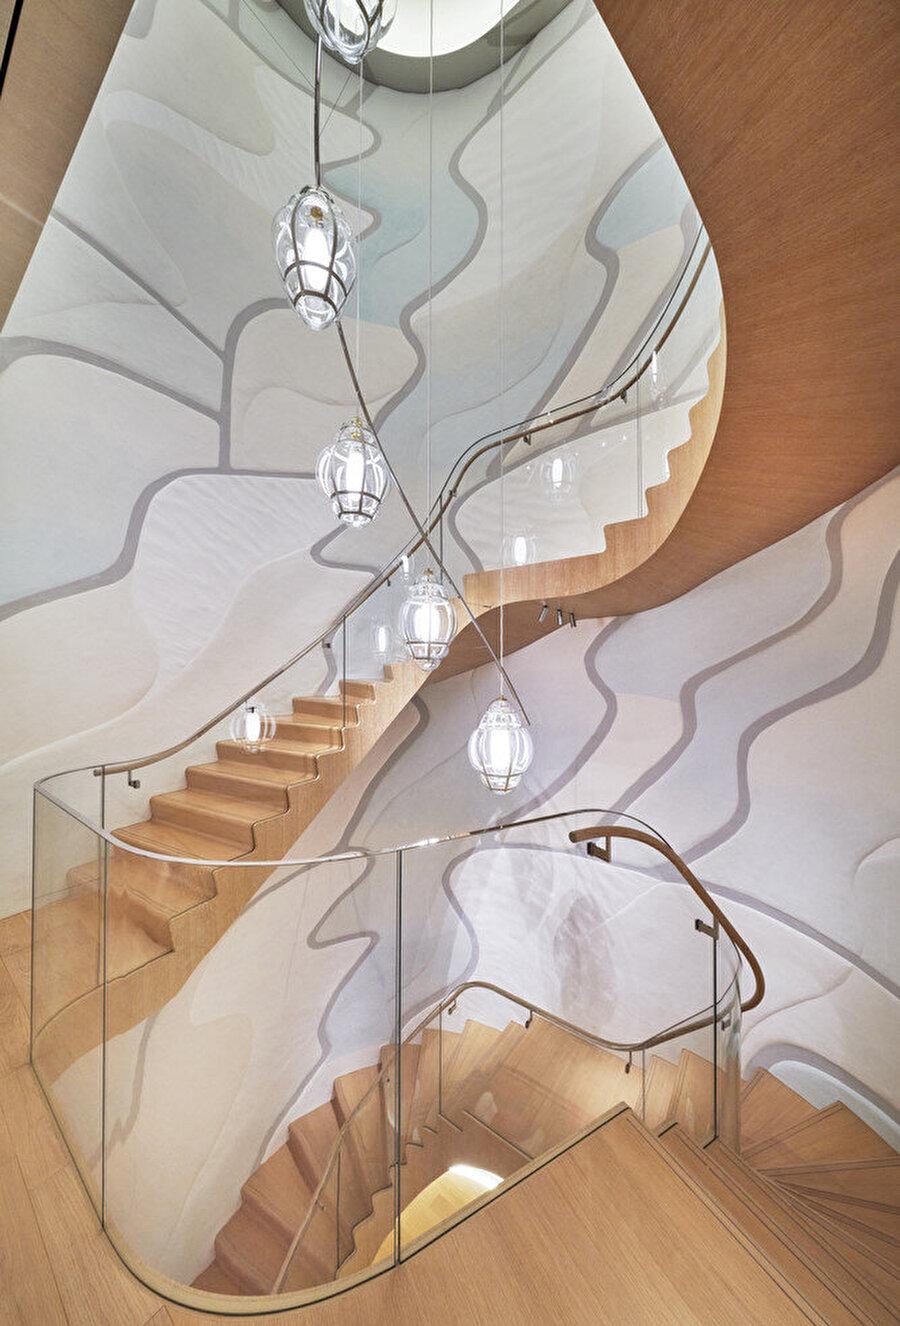 Duvardaki çalışma dört kat boyunca merdivenle birlikte yükseliyor.